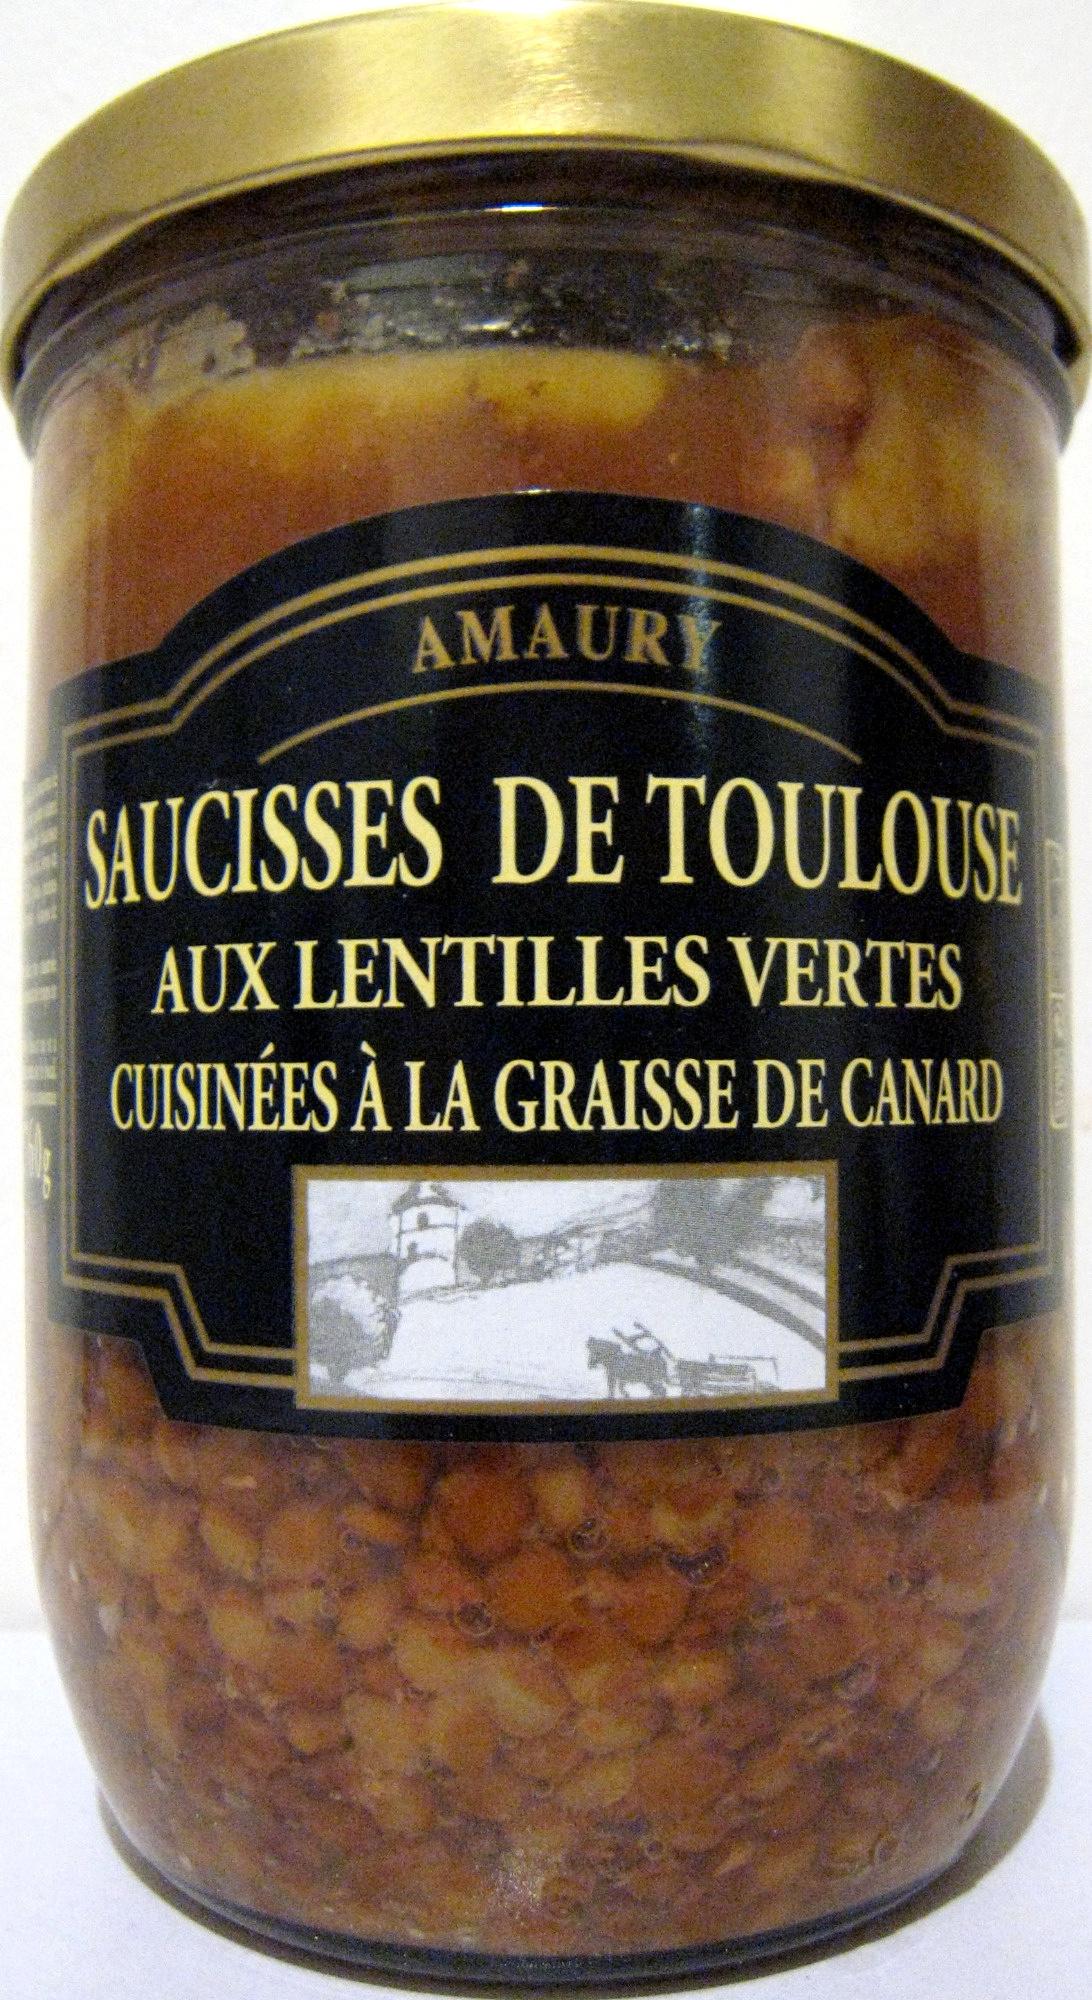 Saucisses de Toulouse aux lentilles vertes cuisinées à la graisse de canard - Produit